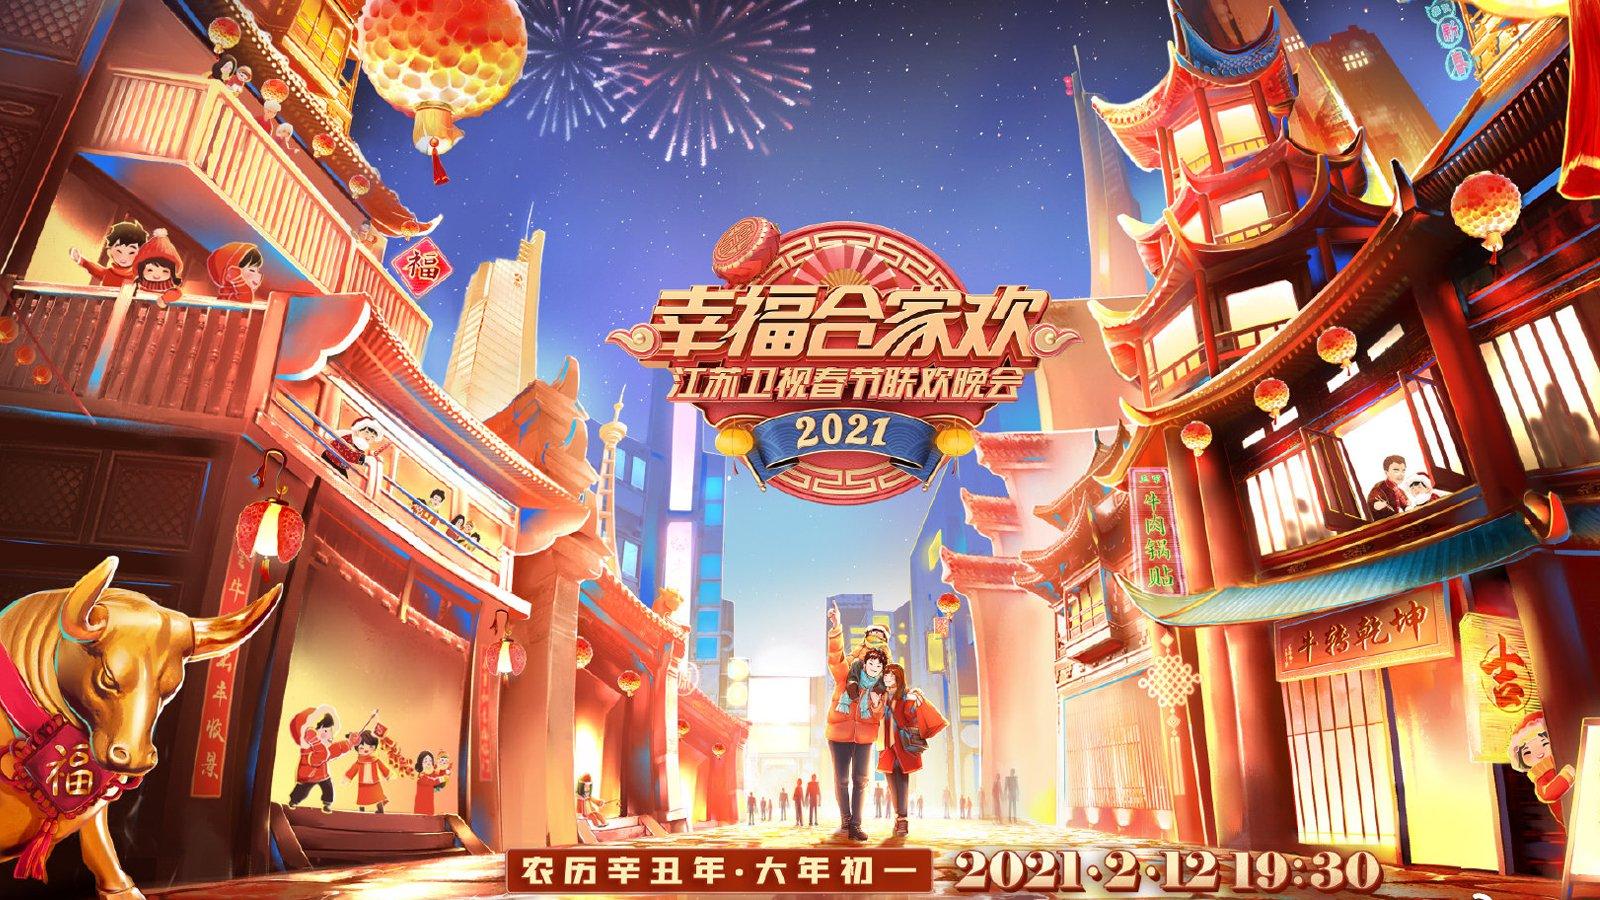 幸福合家欢·江苏卫视2021牛年春晚